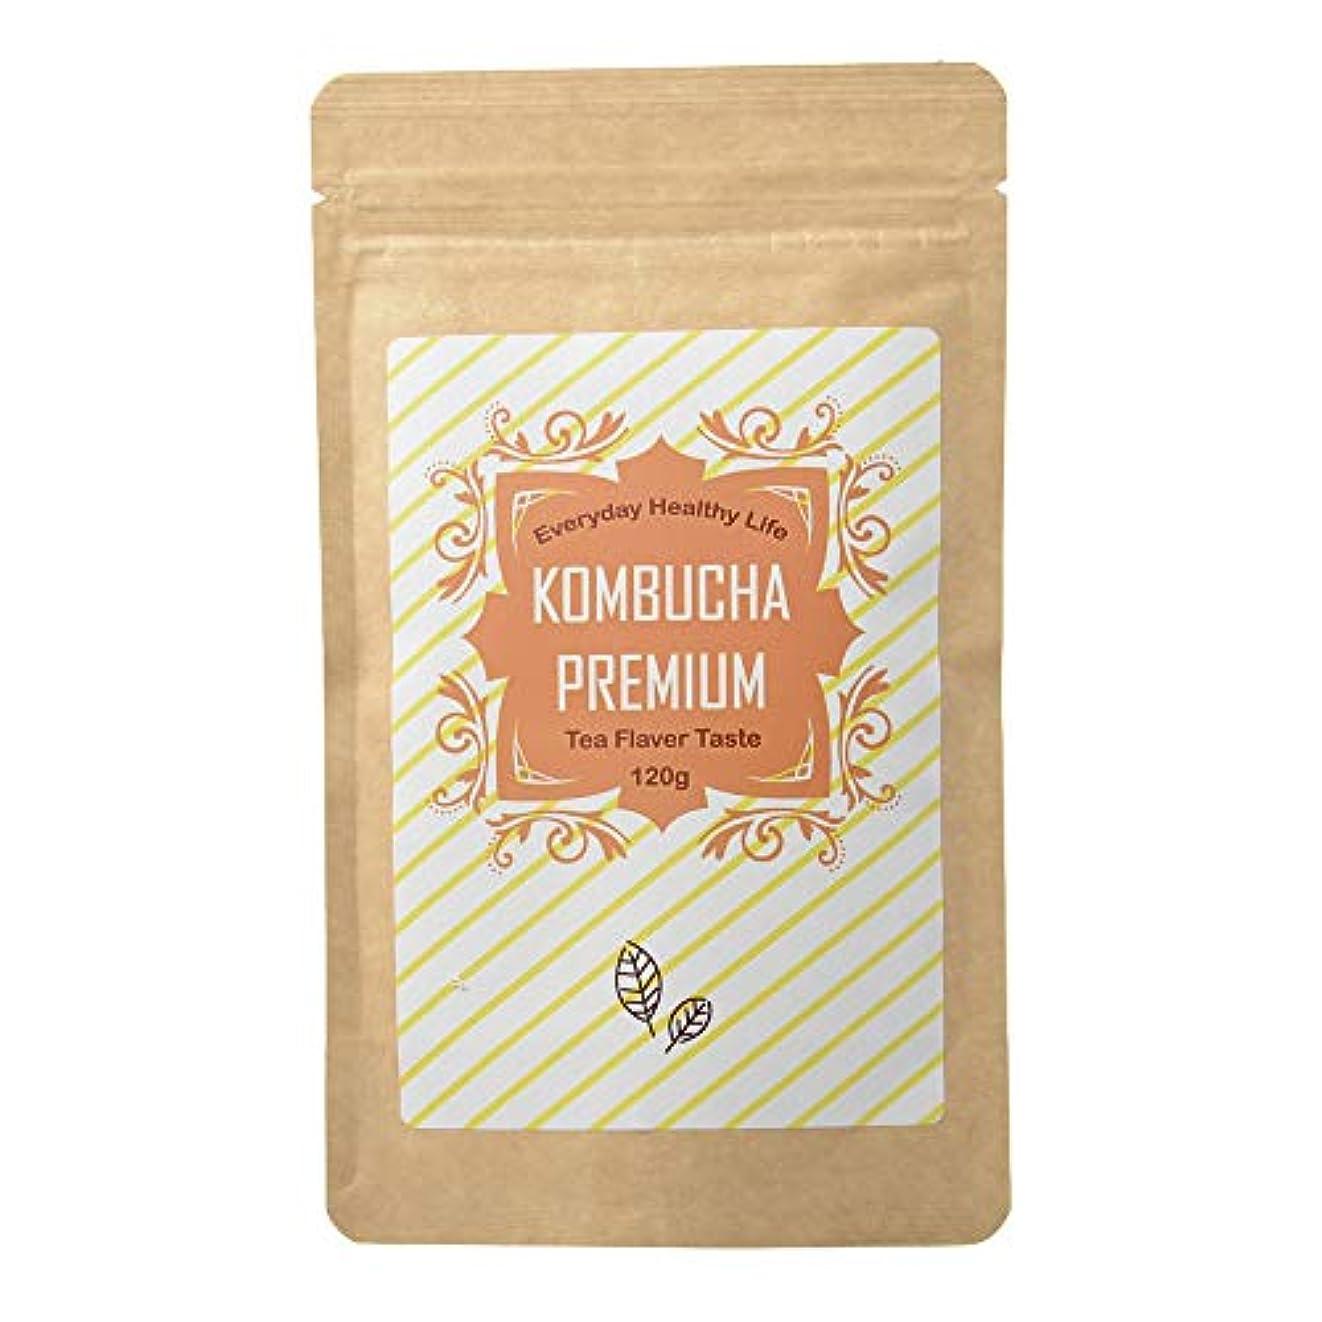 最大化する動かない毒性コンブチャプレミアム (KOMBUCHA PREMIUM) ストレートティー味 日本製 粉末 飲料 [内容量120g /説明書付き]